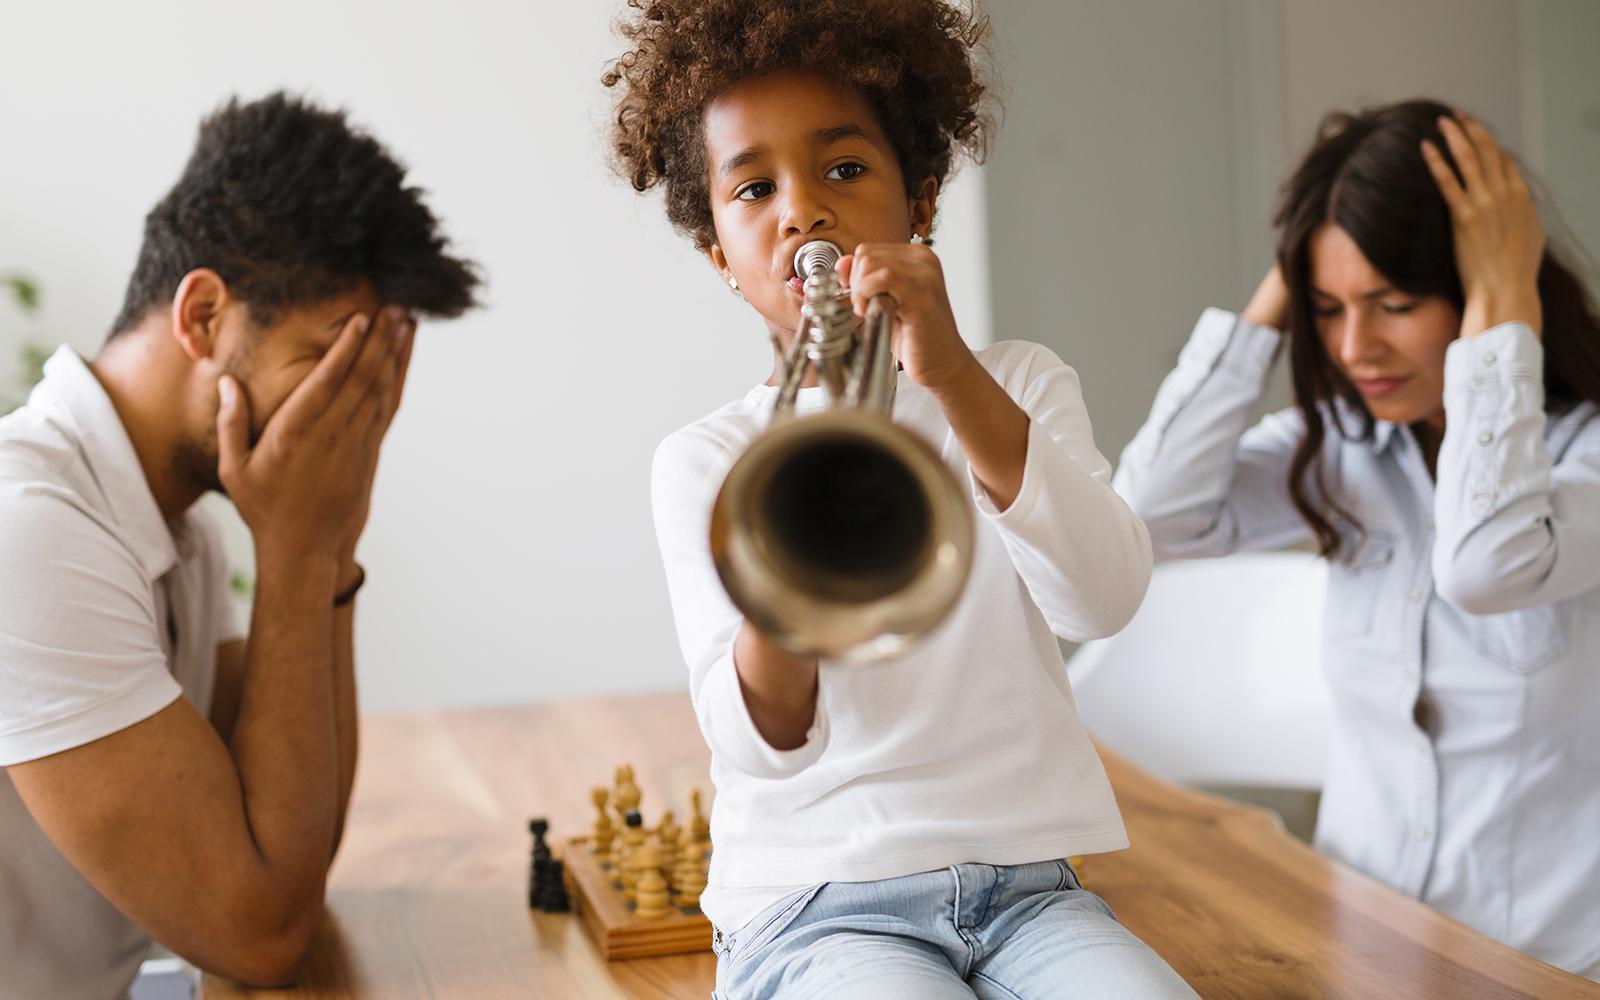 Problema de ruidos en la comunidad de vecinos